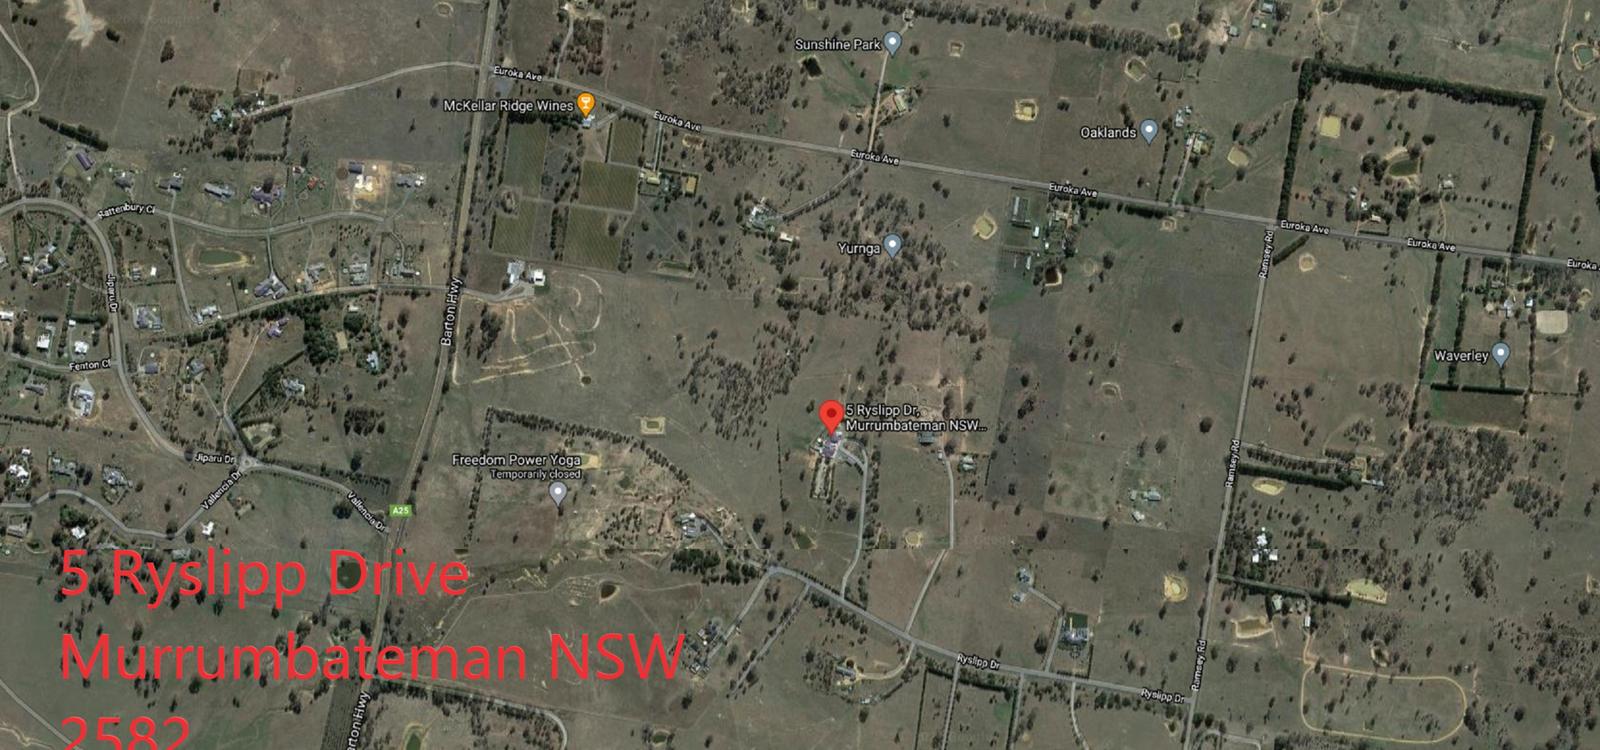 5 Ryslipp Drive MURRUMBATEMAN, NSW 2582 - photo 1